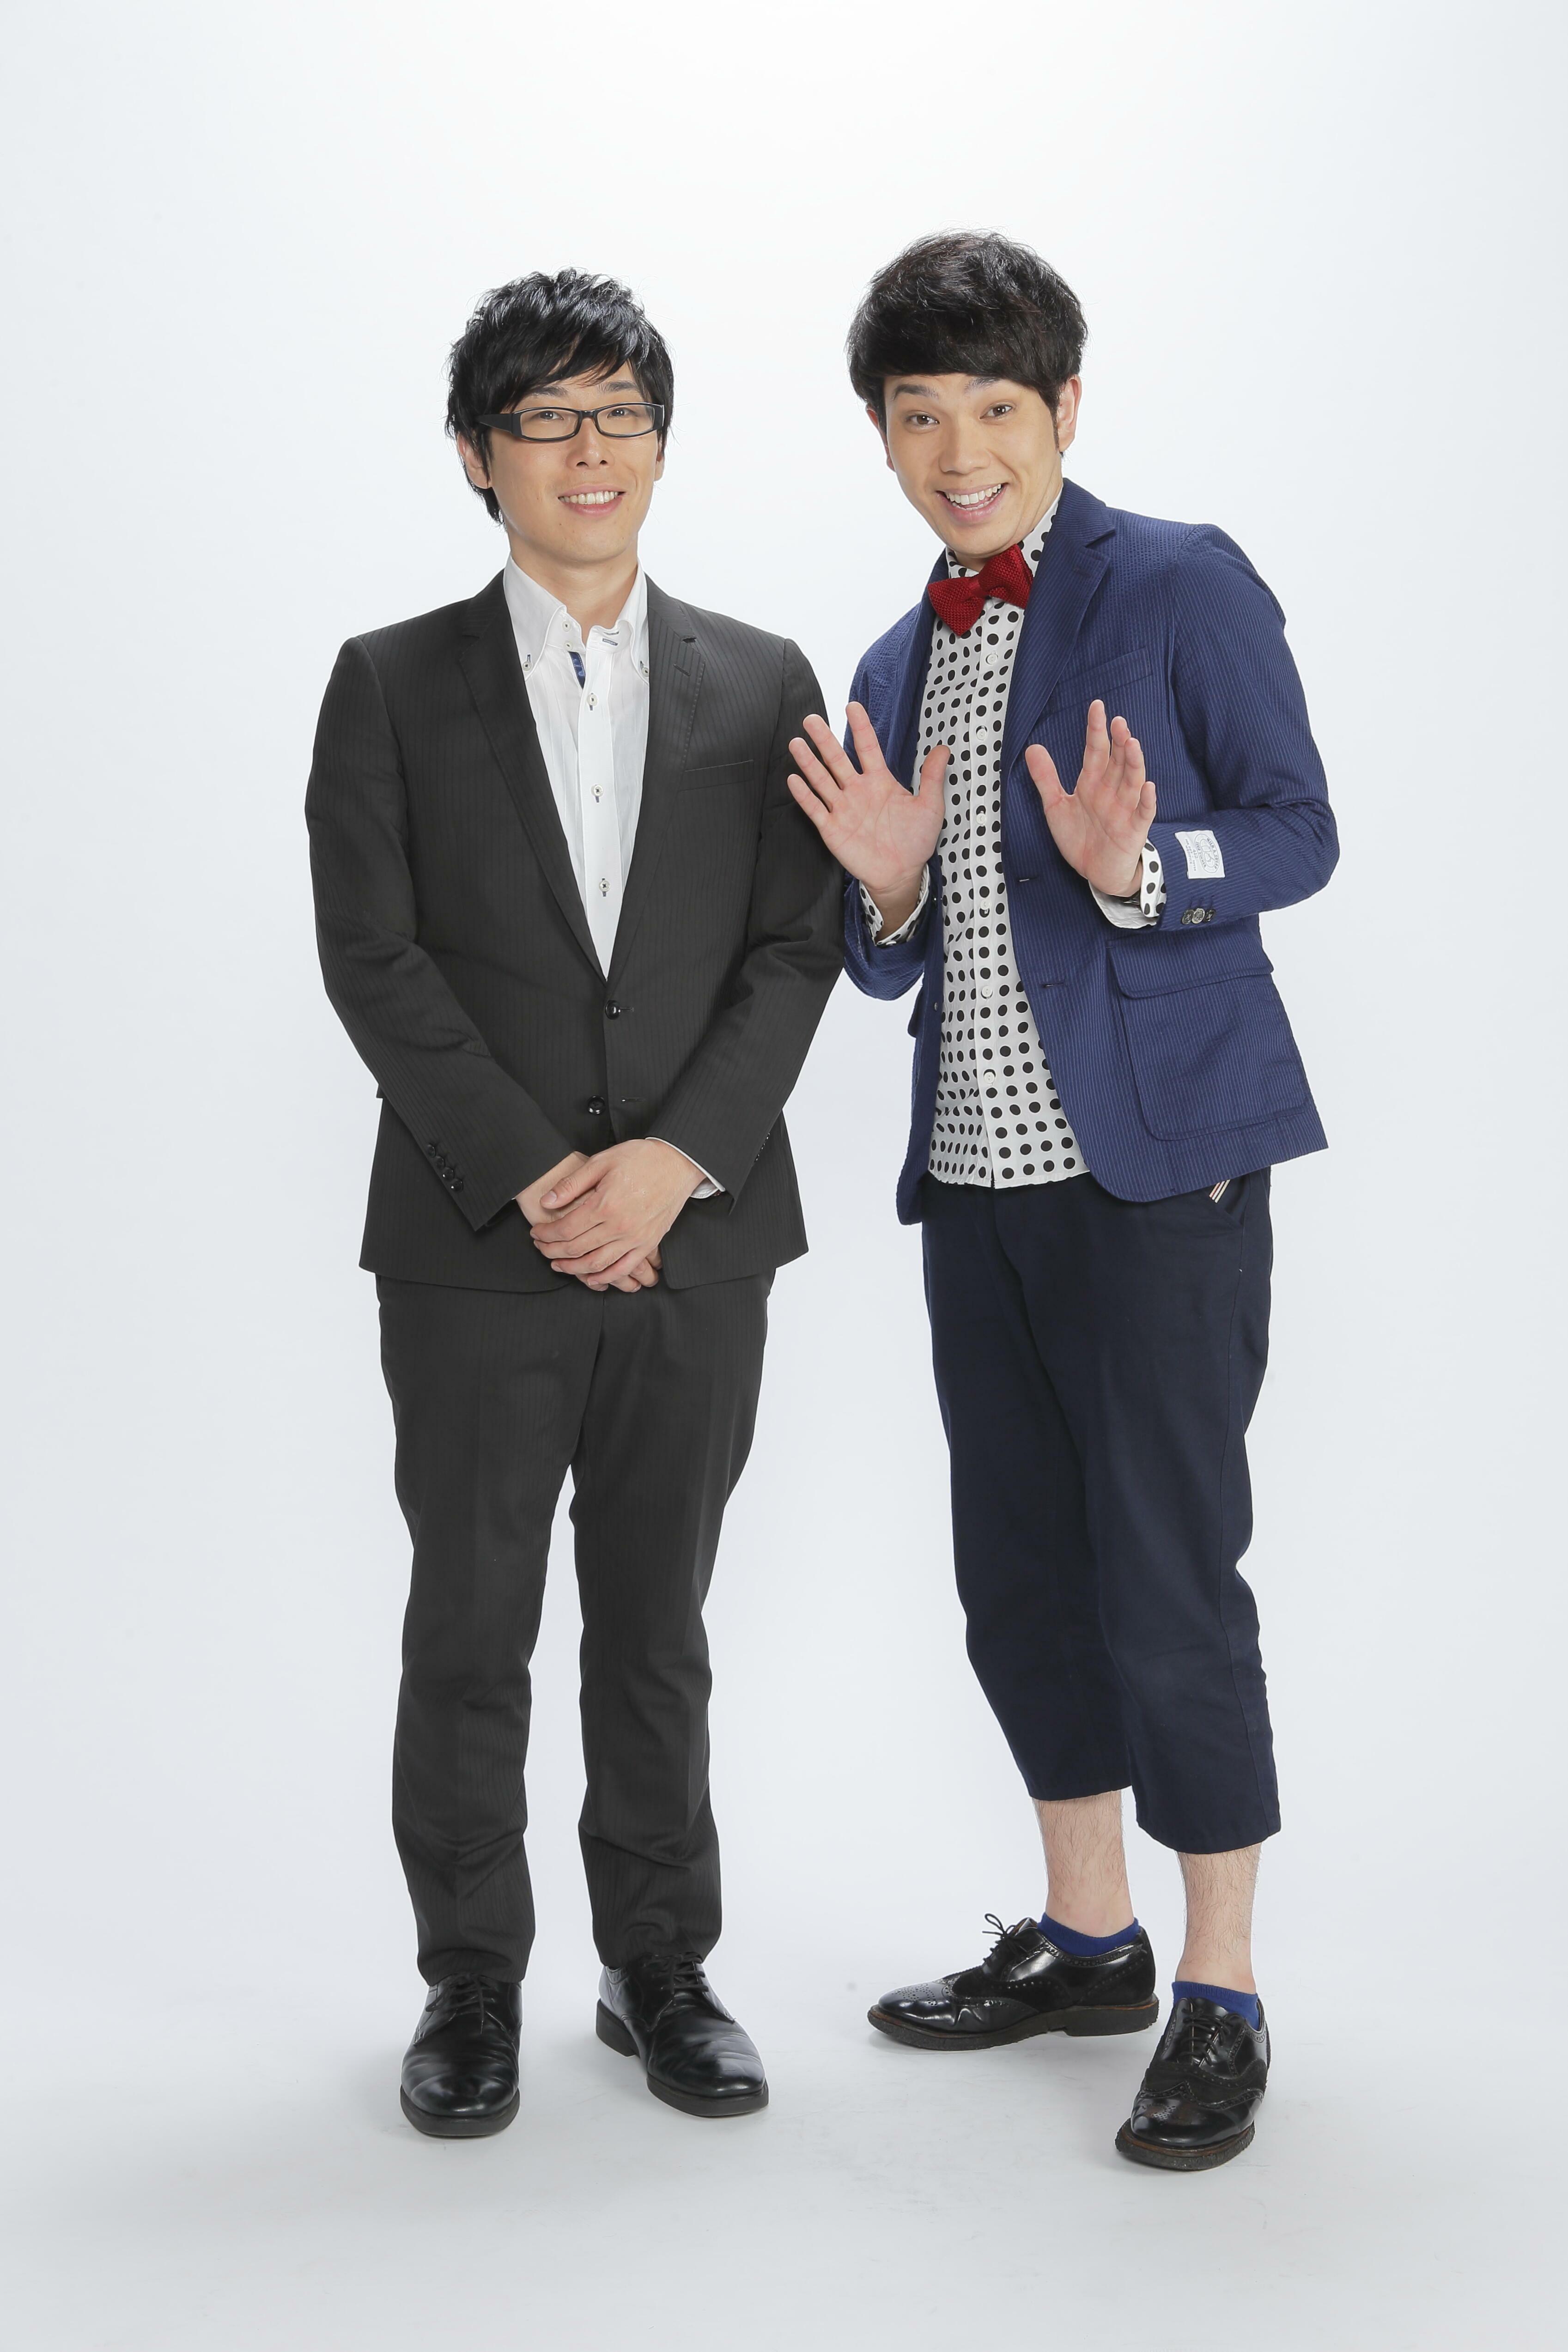 http://47web.jp/shizuoka/uploads/437a1d2f1dfccc1342845bb118939b779135eb5a.jpg